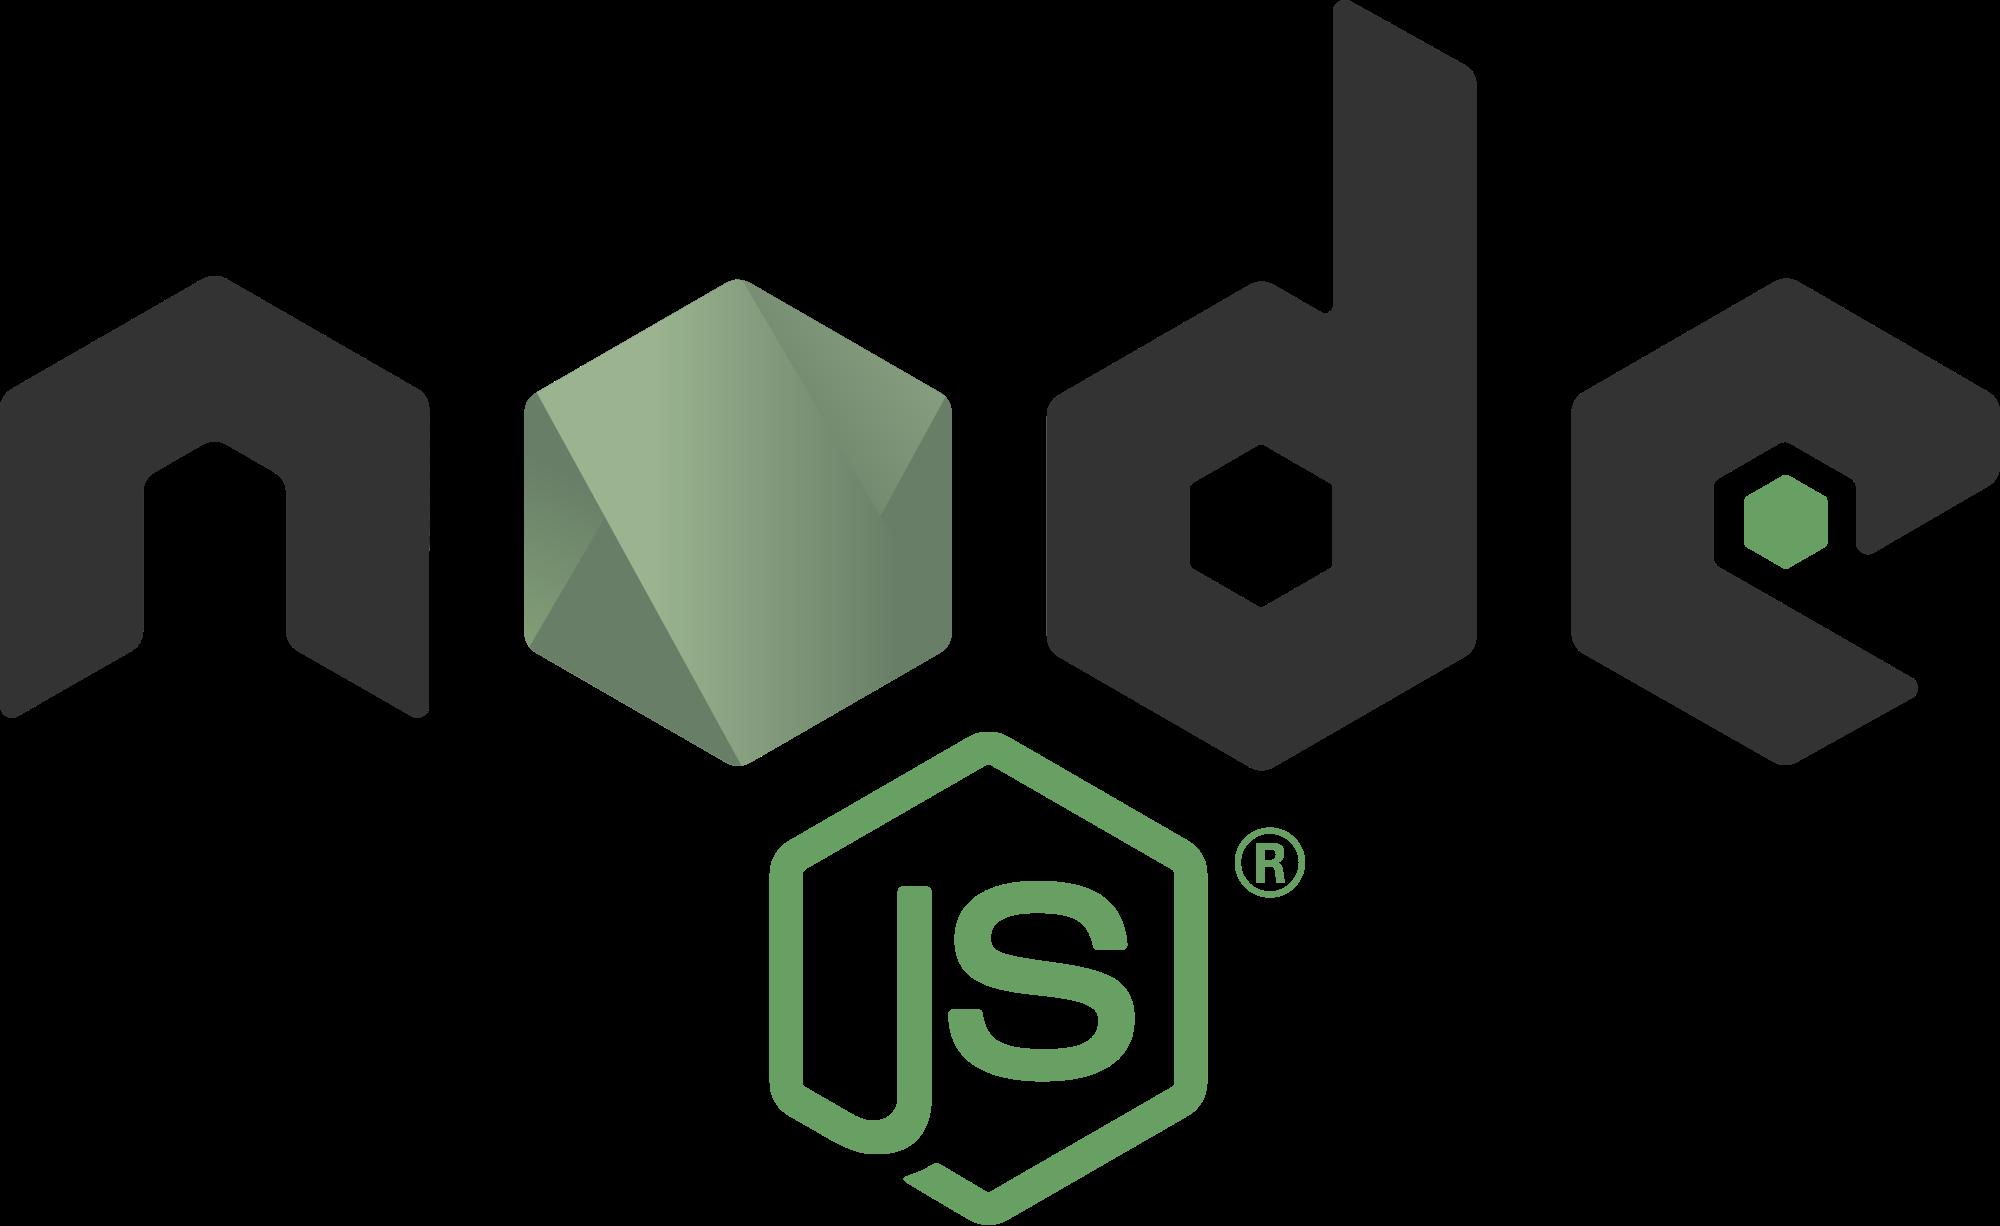 3 Step Tutorial - Node.js Express Framework For Rapid Web Application Development